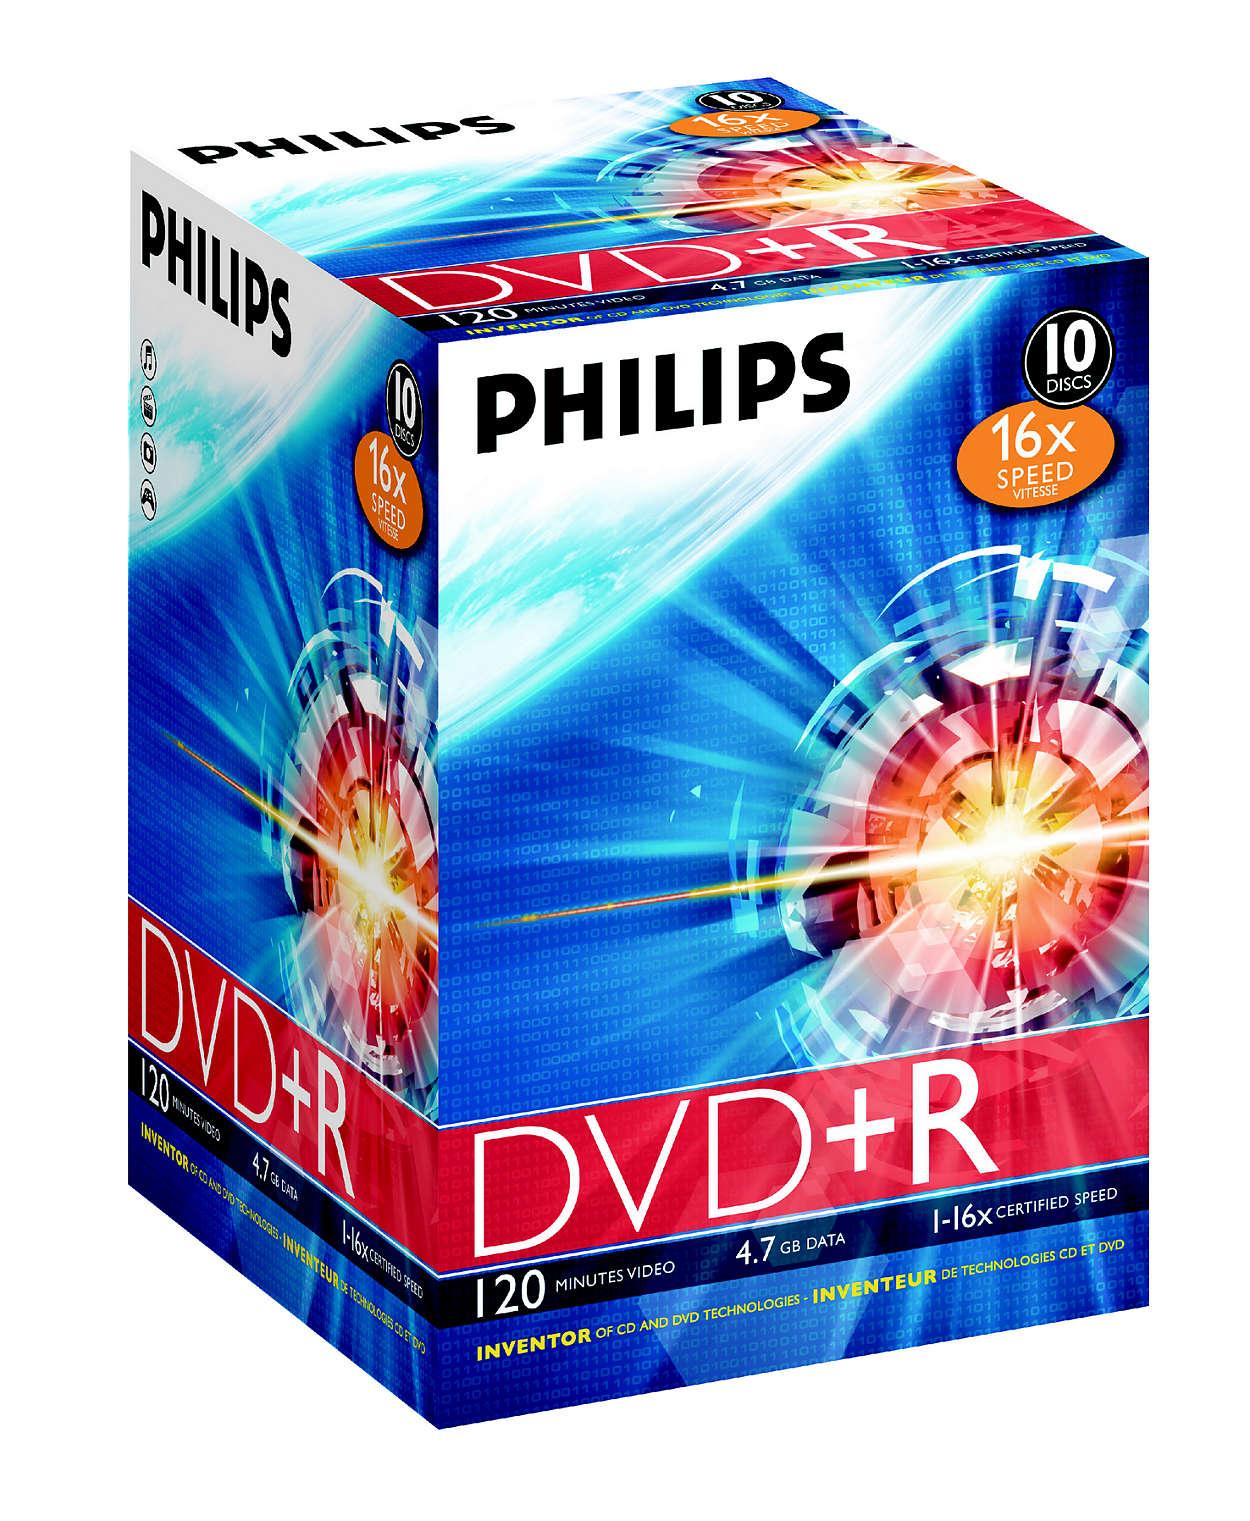 Εφευρέτης των τεχνολογιών CD και DVD